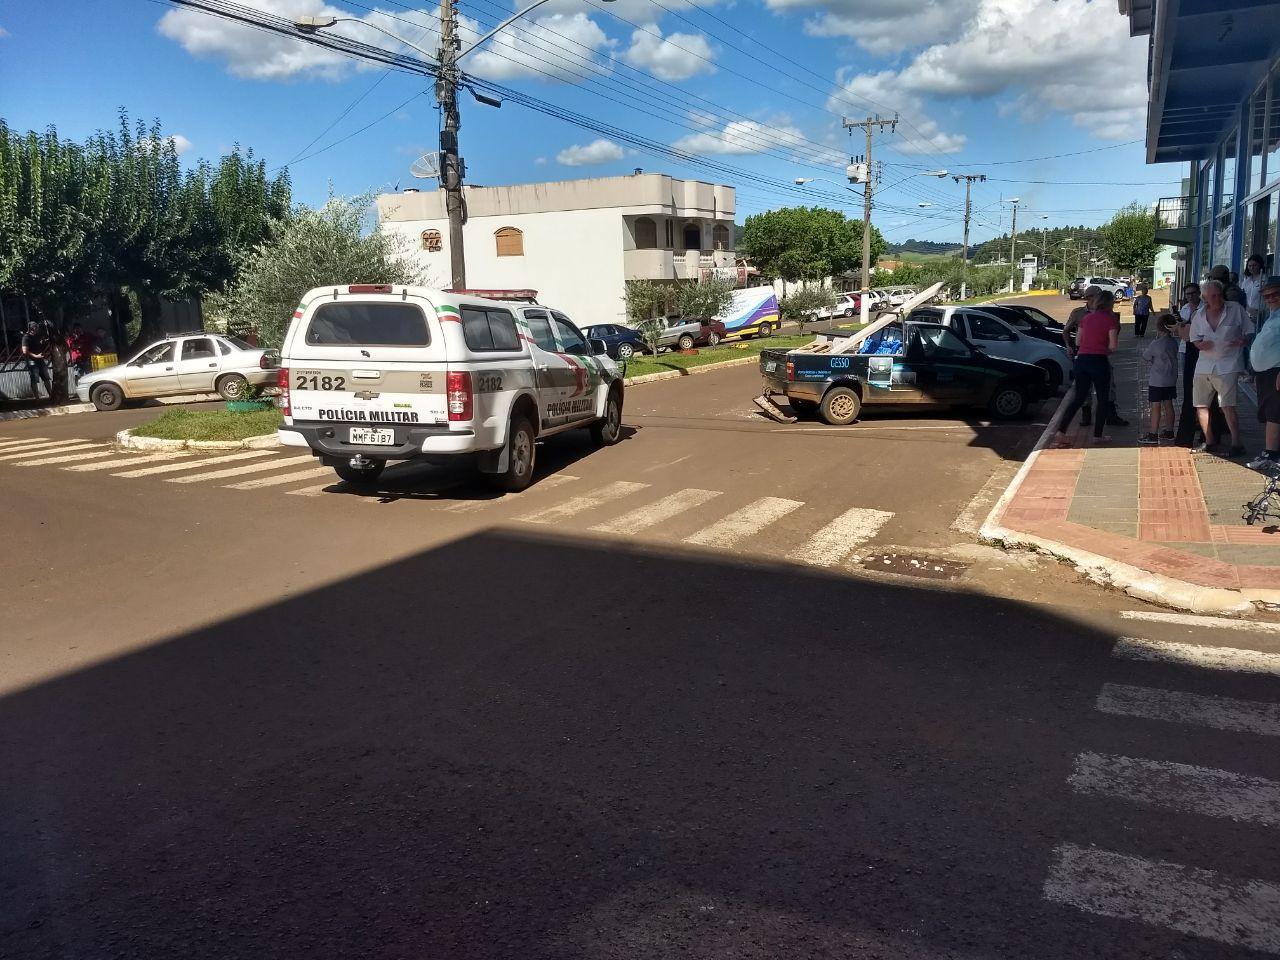 Criança fica ferida ao colidir bicicleta em veículo estacionado